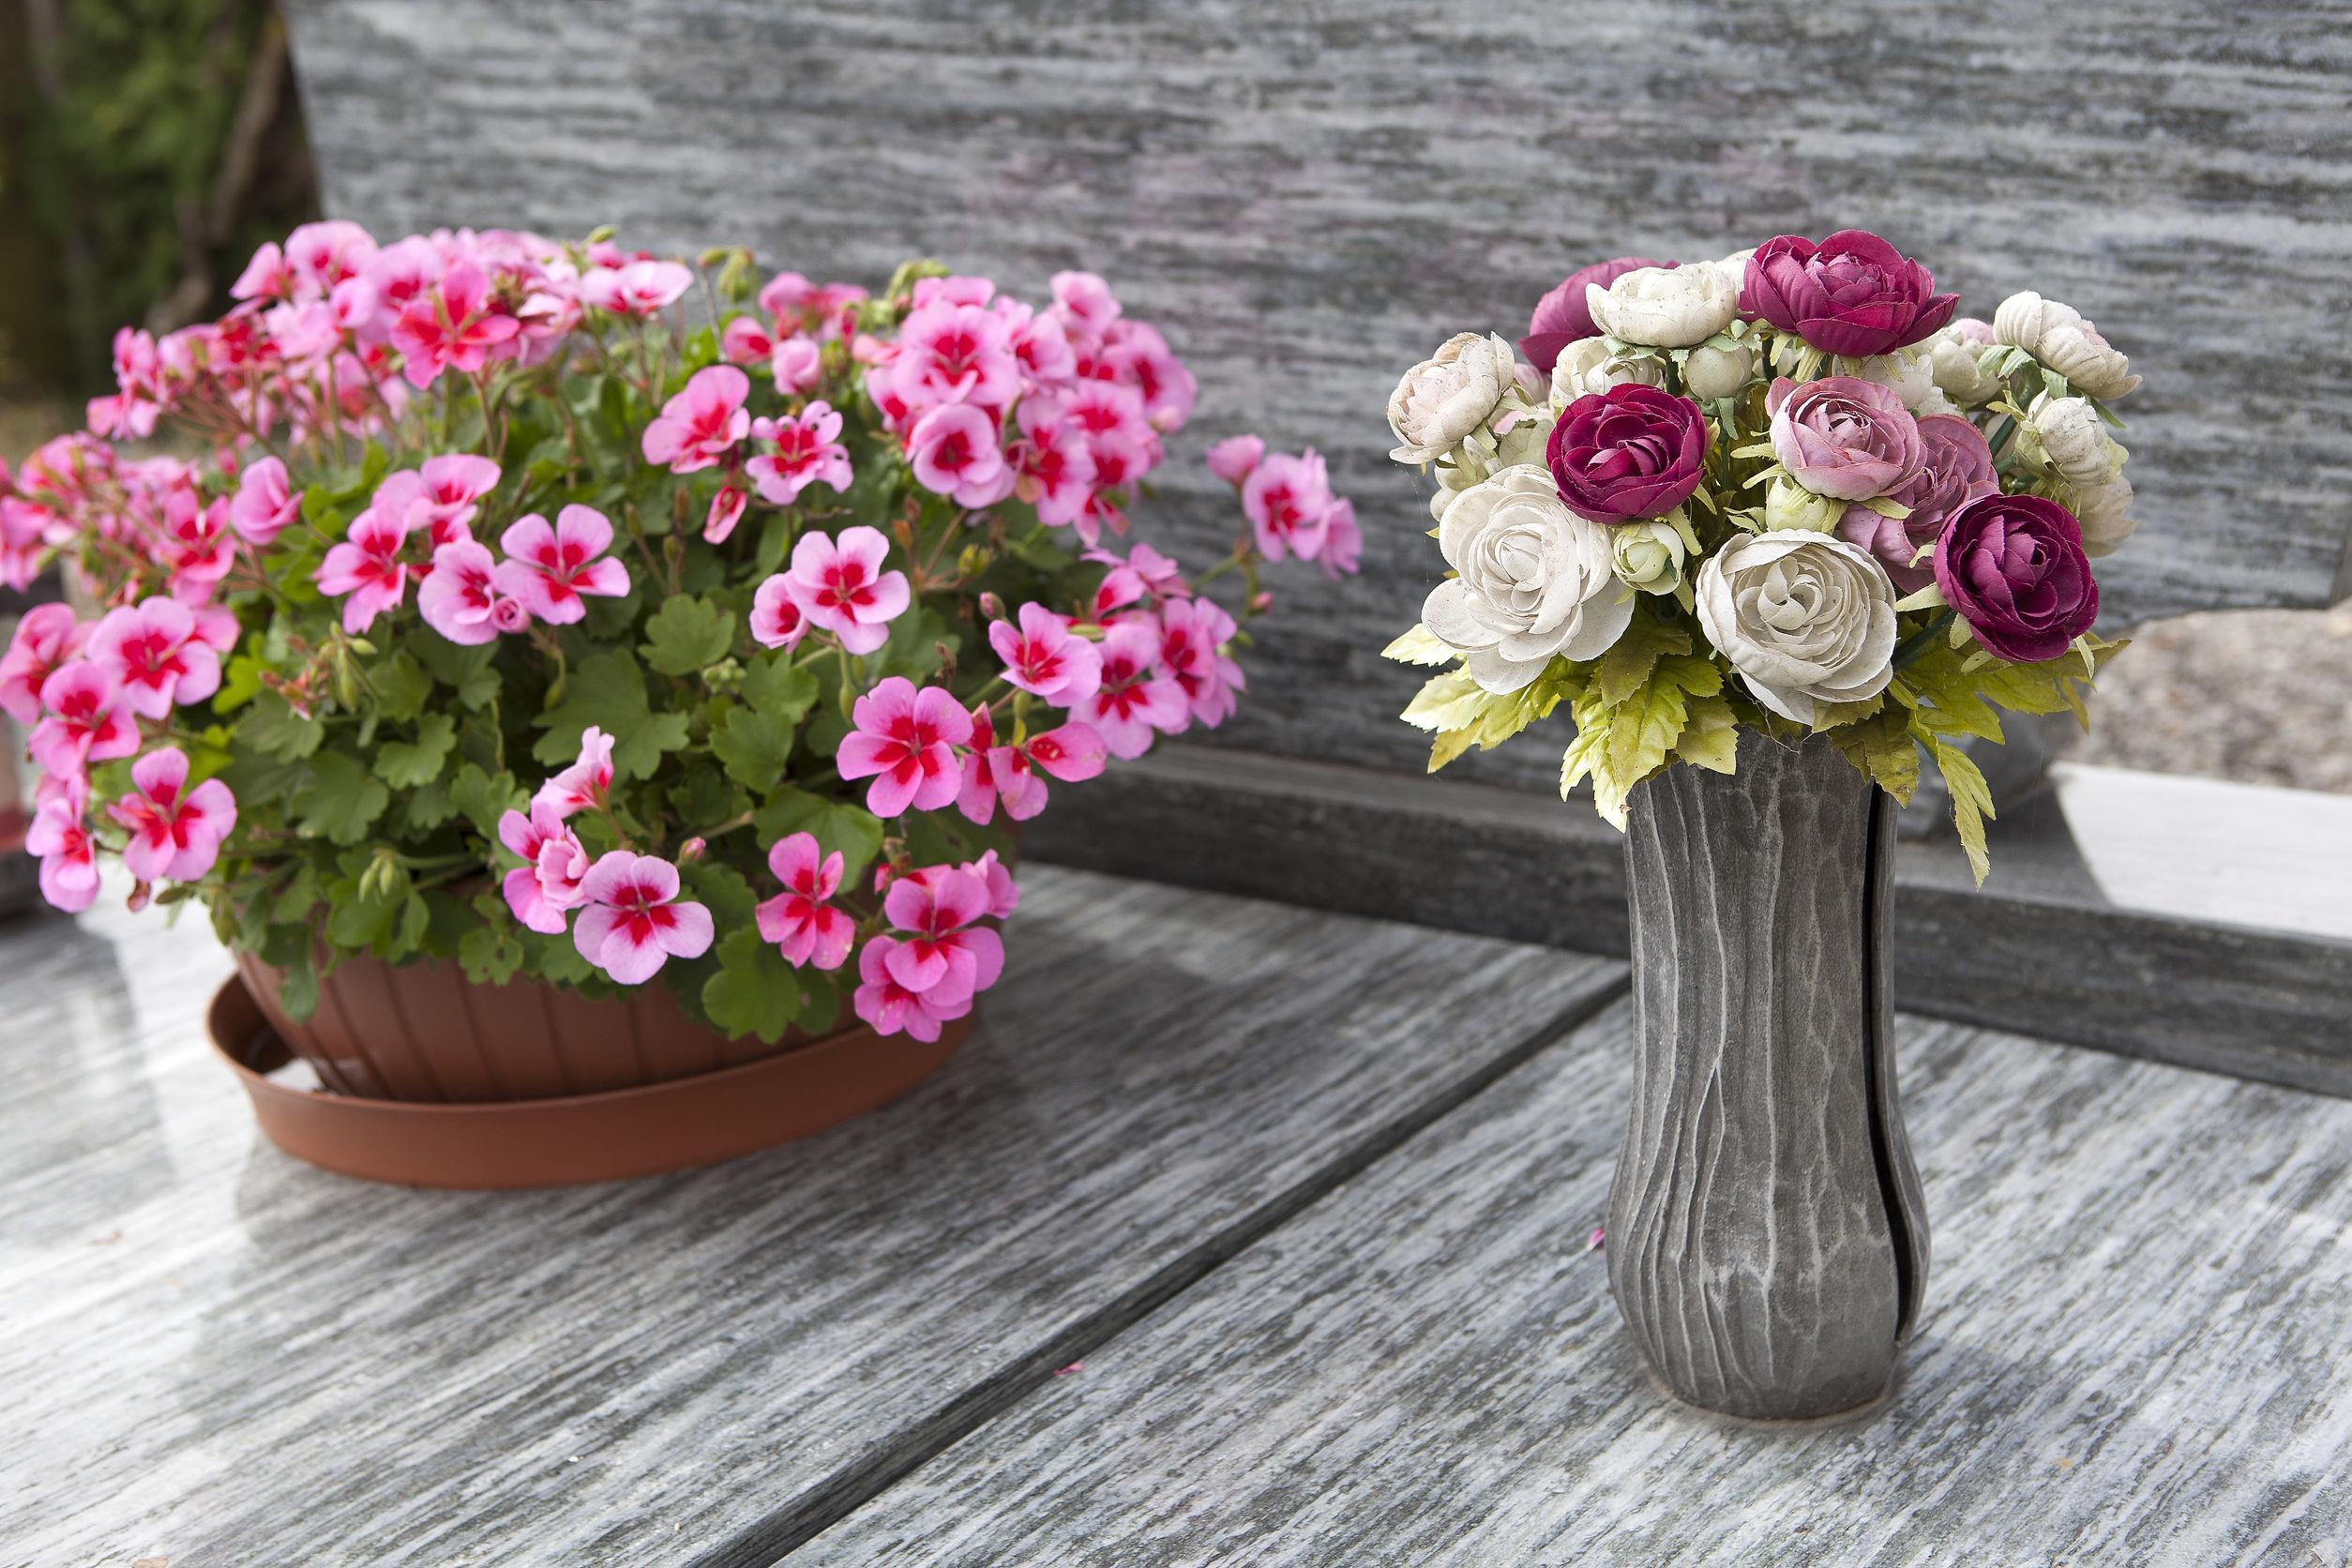 Które Kwiaty Wytrzymają Na Cmentarzu Najdłużej